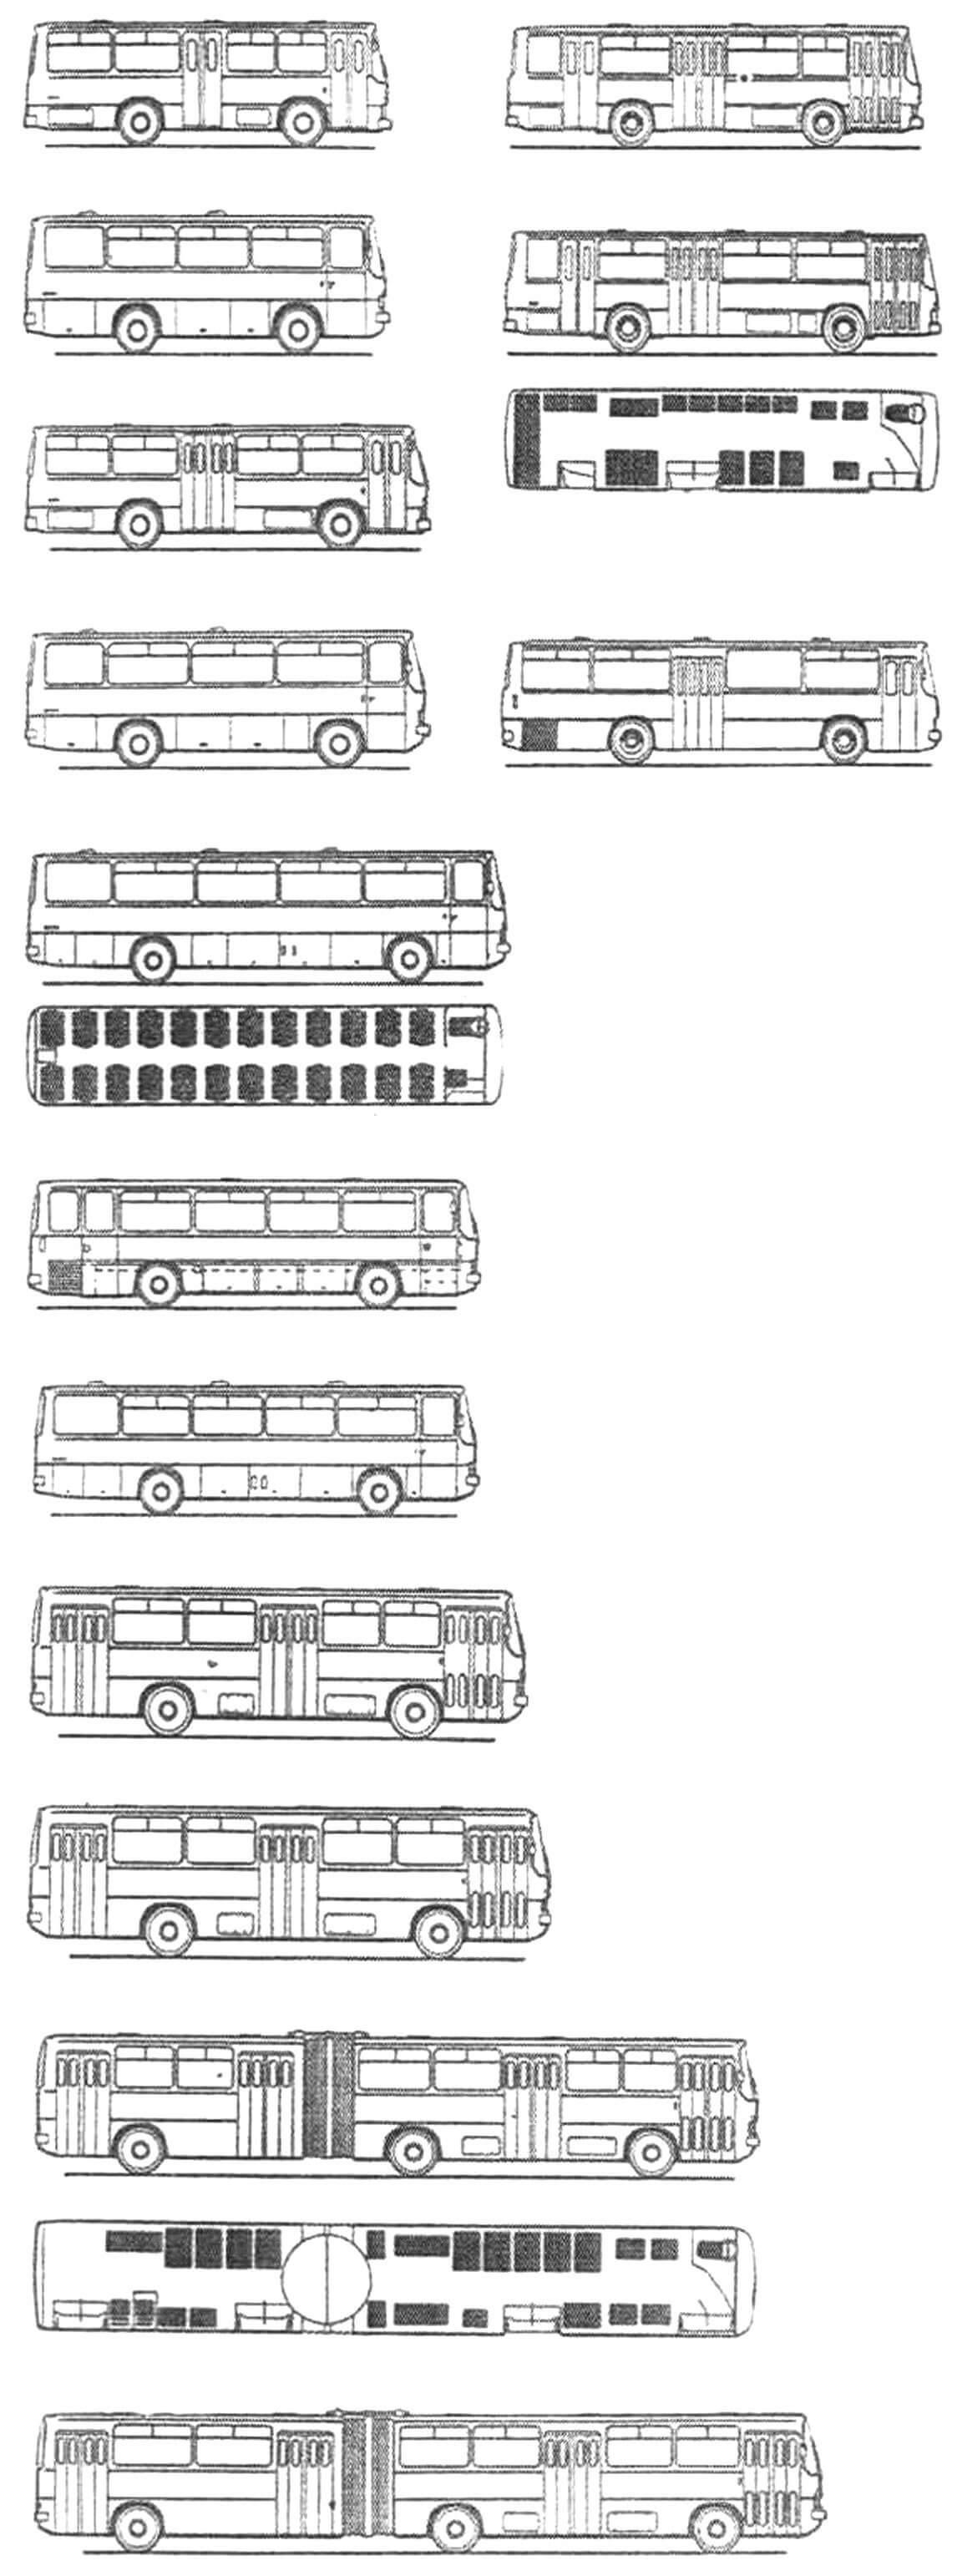 «Семейство» автобусов Ikarus 200 (модели слева направо сверху вниз): 208, 240, 210, 242, 220, 242 (салон), 230, 266, 250, 250 (салон), 255, 256, 260, 262, 280, 280 (салон), 282. Эскизы из журнала «Венгерские автобусы Икарус-200» и «Автомобильный транспорт» №5 за 1974 год